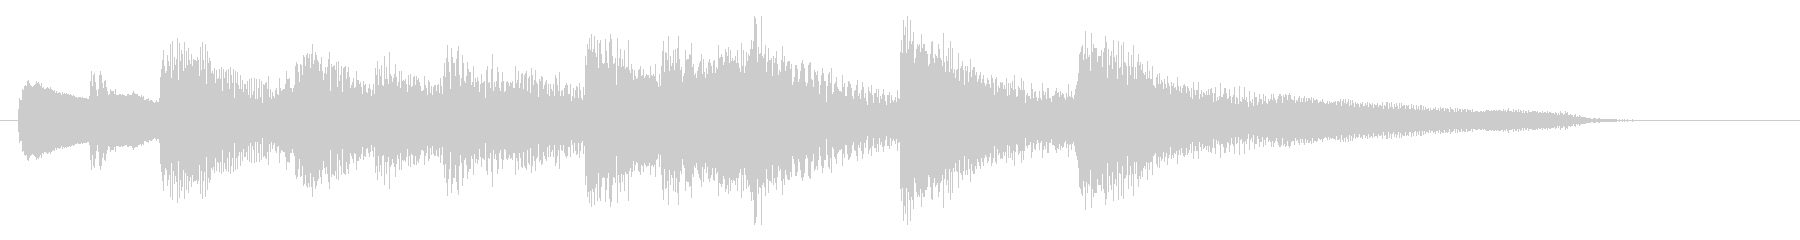 牧歌的なピアノジングルの未再生の波形